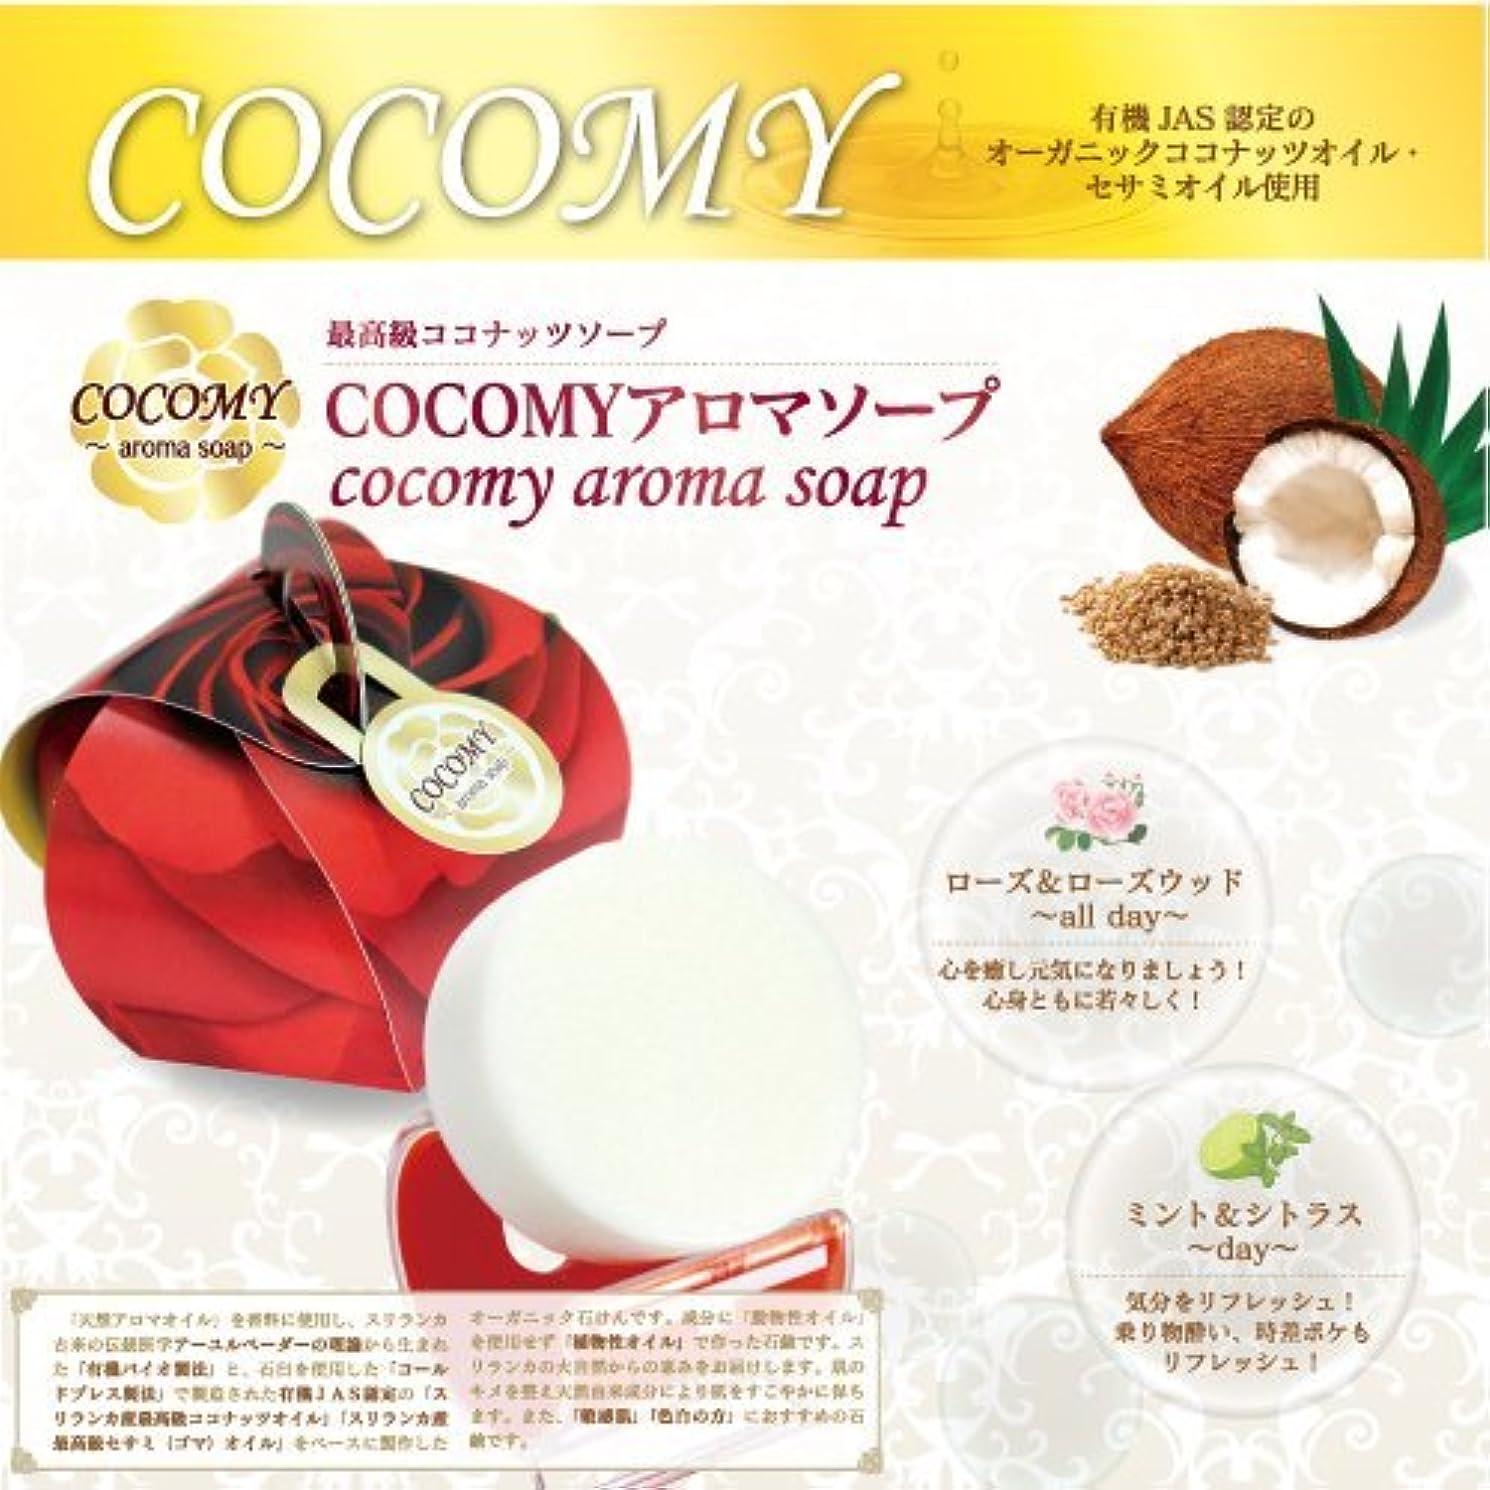 斧どれ上昇COCOMY aromaソープ 4個セット (ミント&シトラス)(ローズ&ローズウッド) 40g×各2